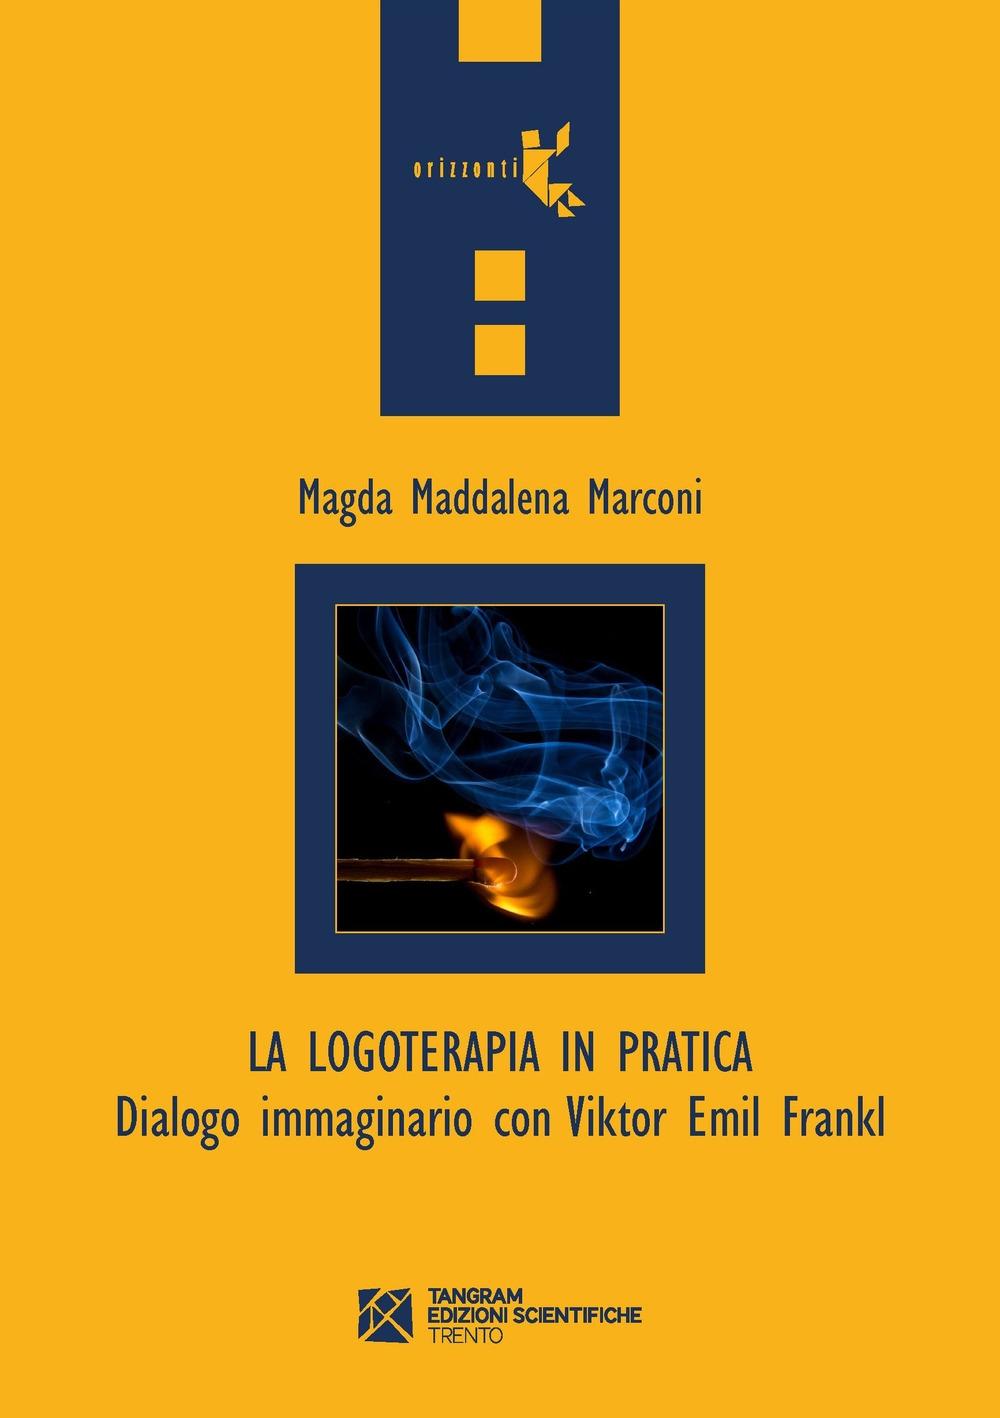 La logoterapia in pratica. Dialogo immaginario con Viktor Emil Frankl